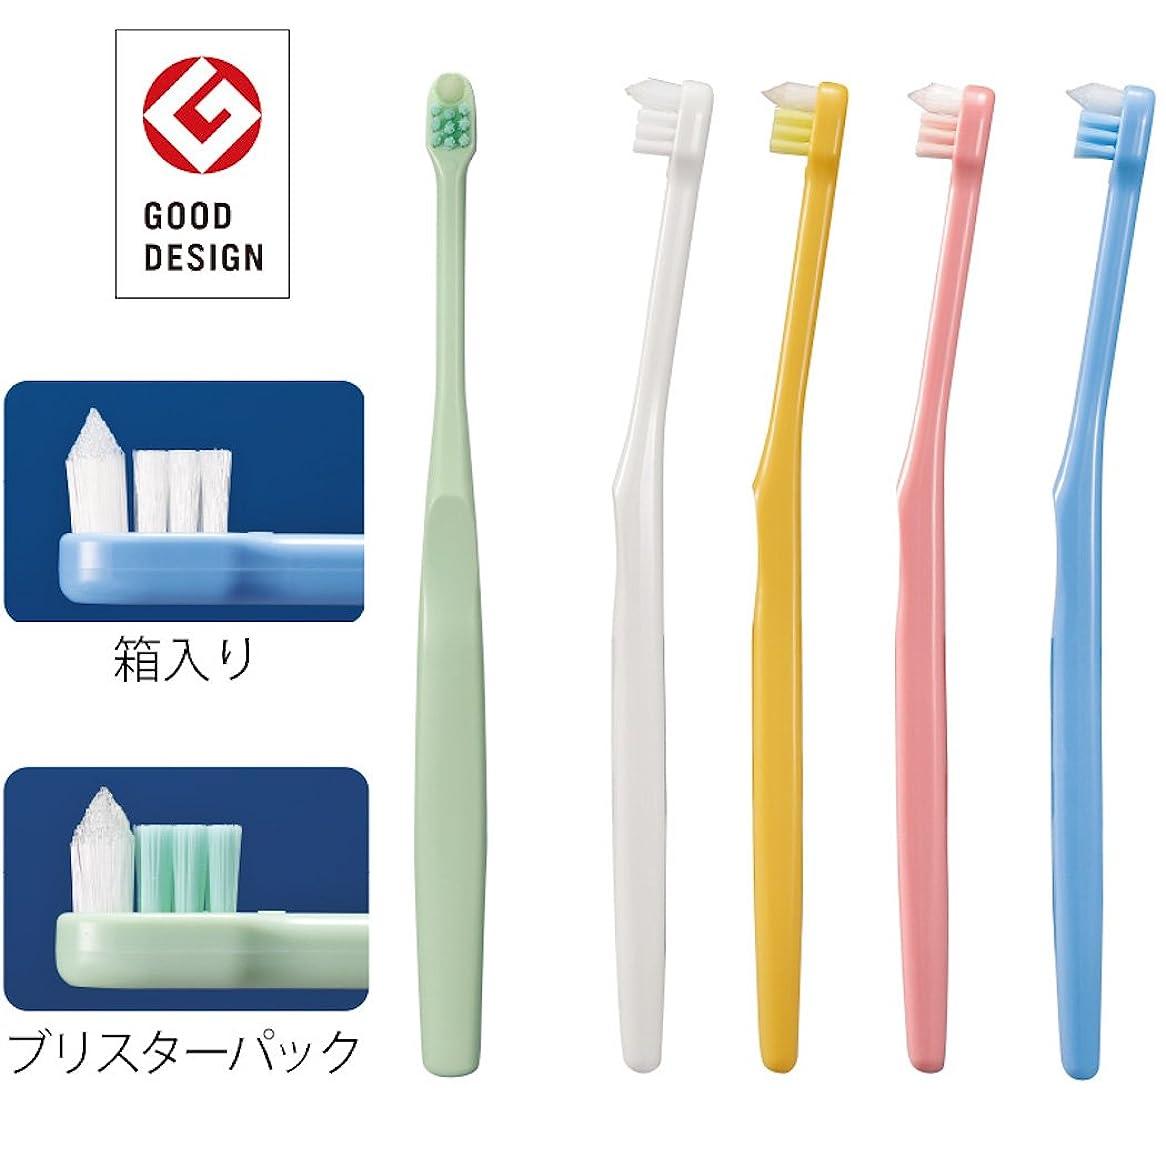 シーサイド変更可能サンダー歯科医院専売 Ci ネオタフト M(ふつう) 6本 4色アソート